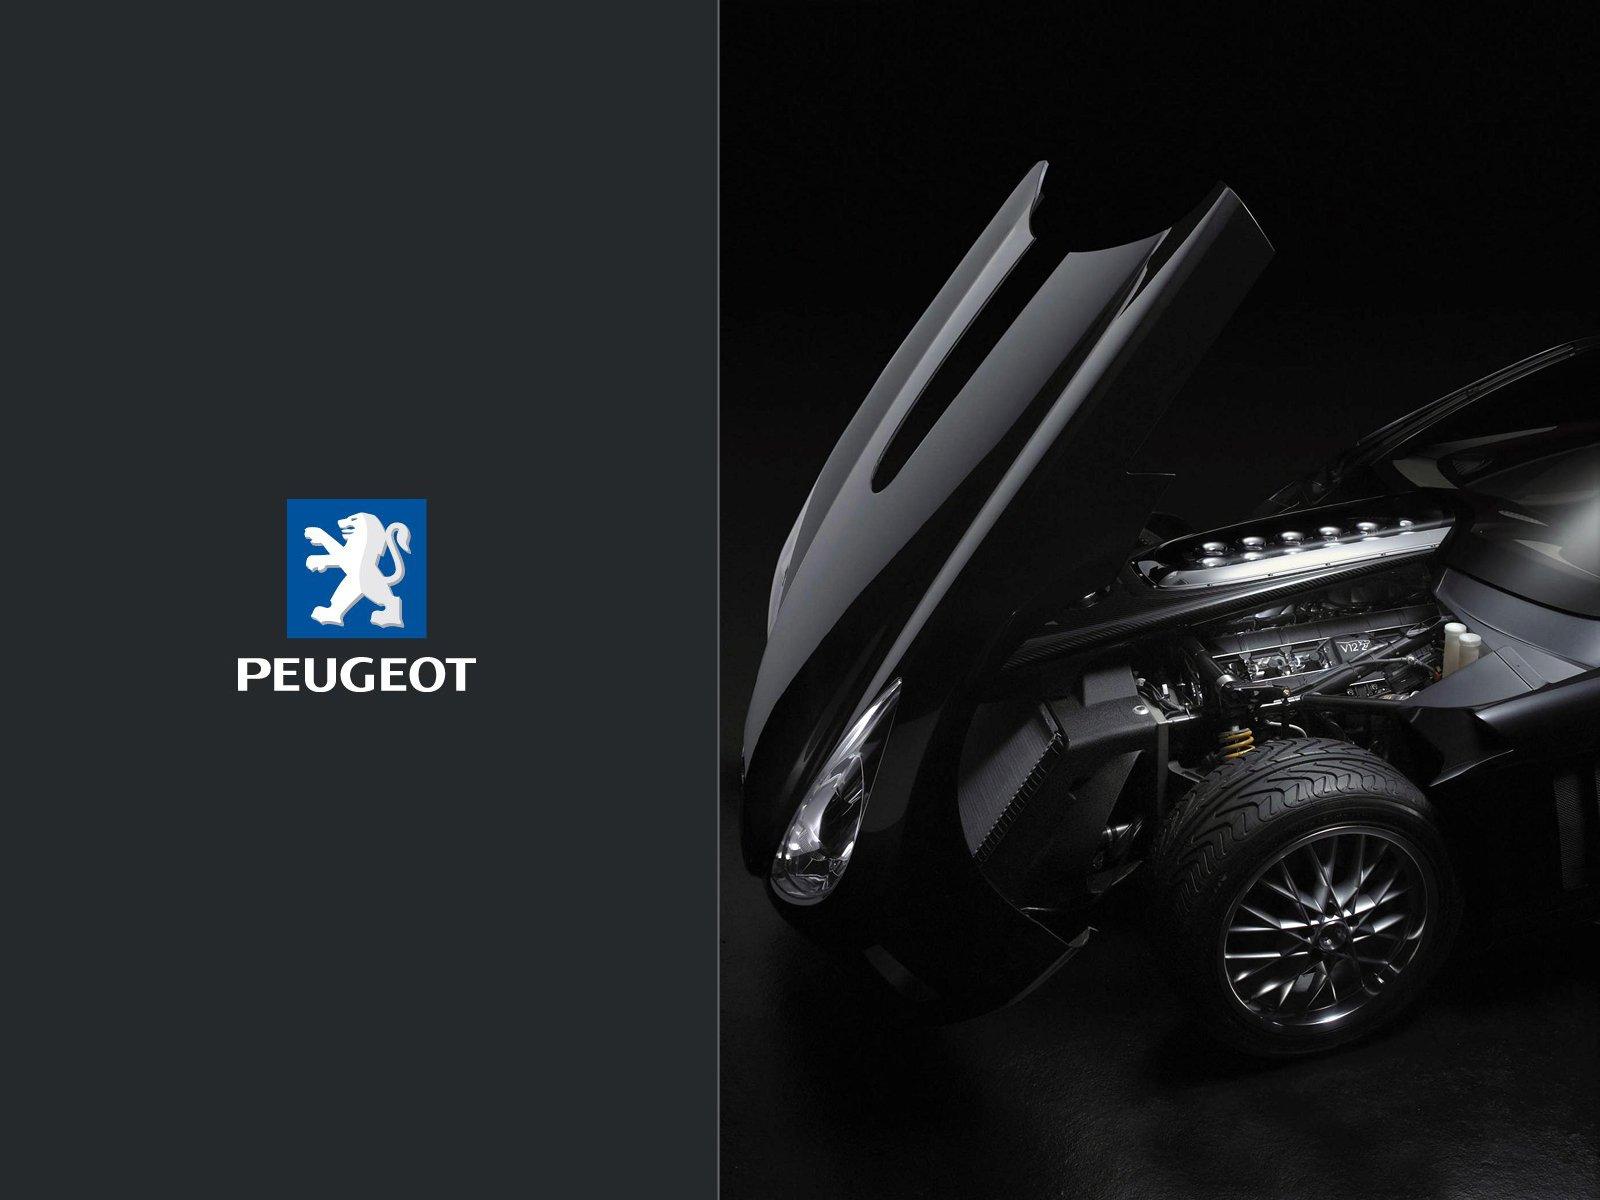 Peugeot 907 001